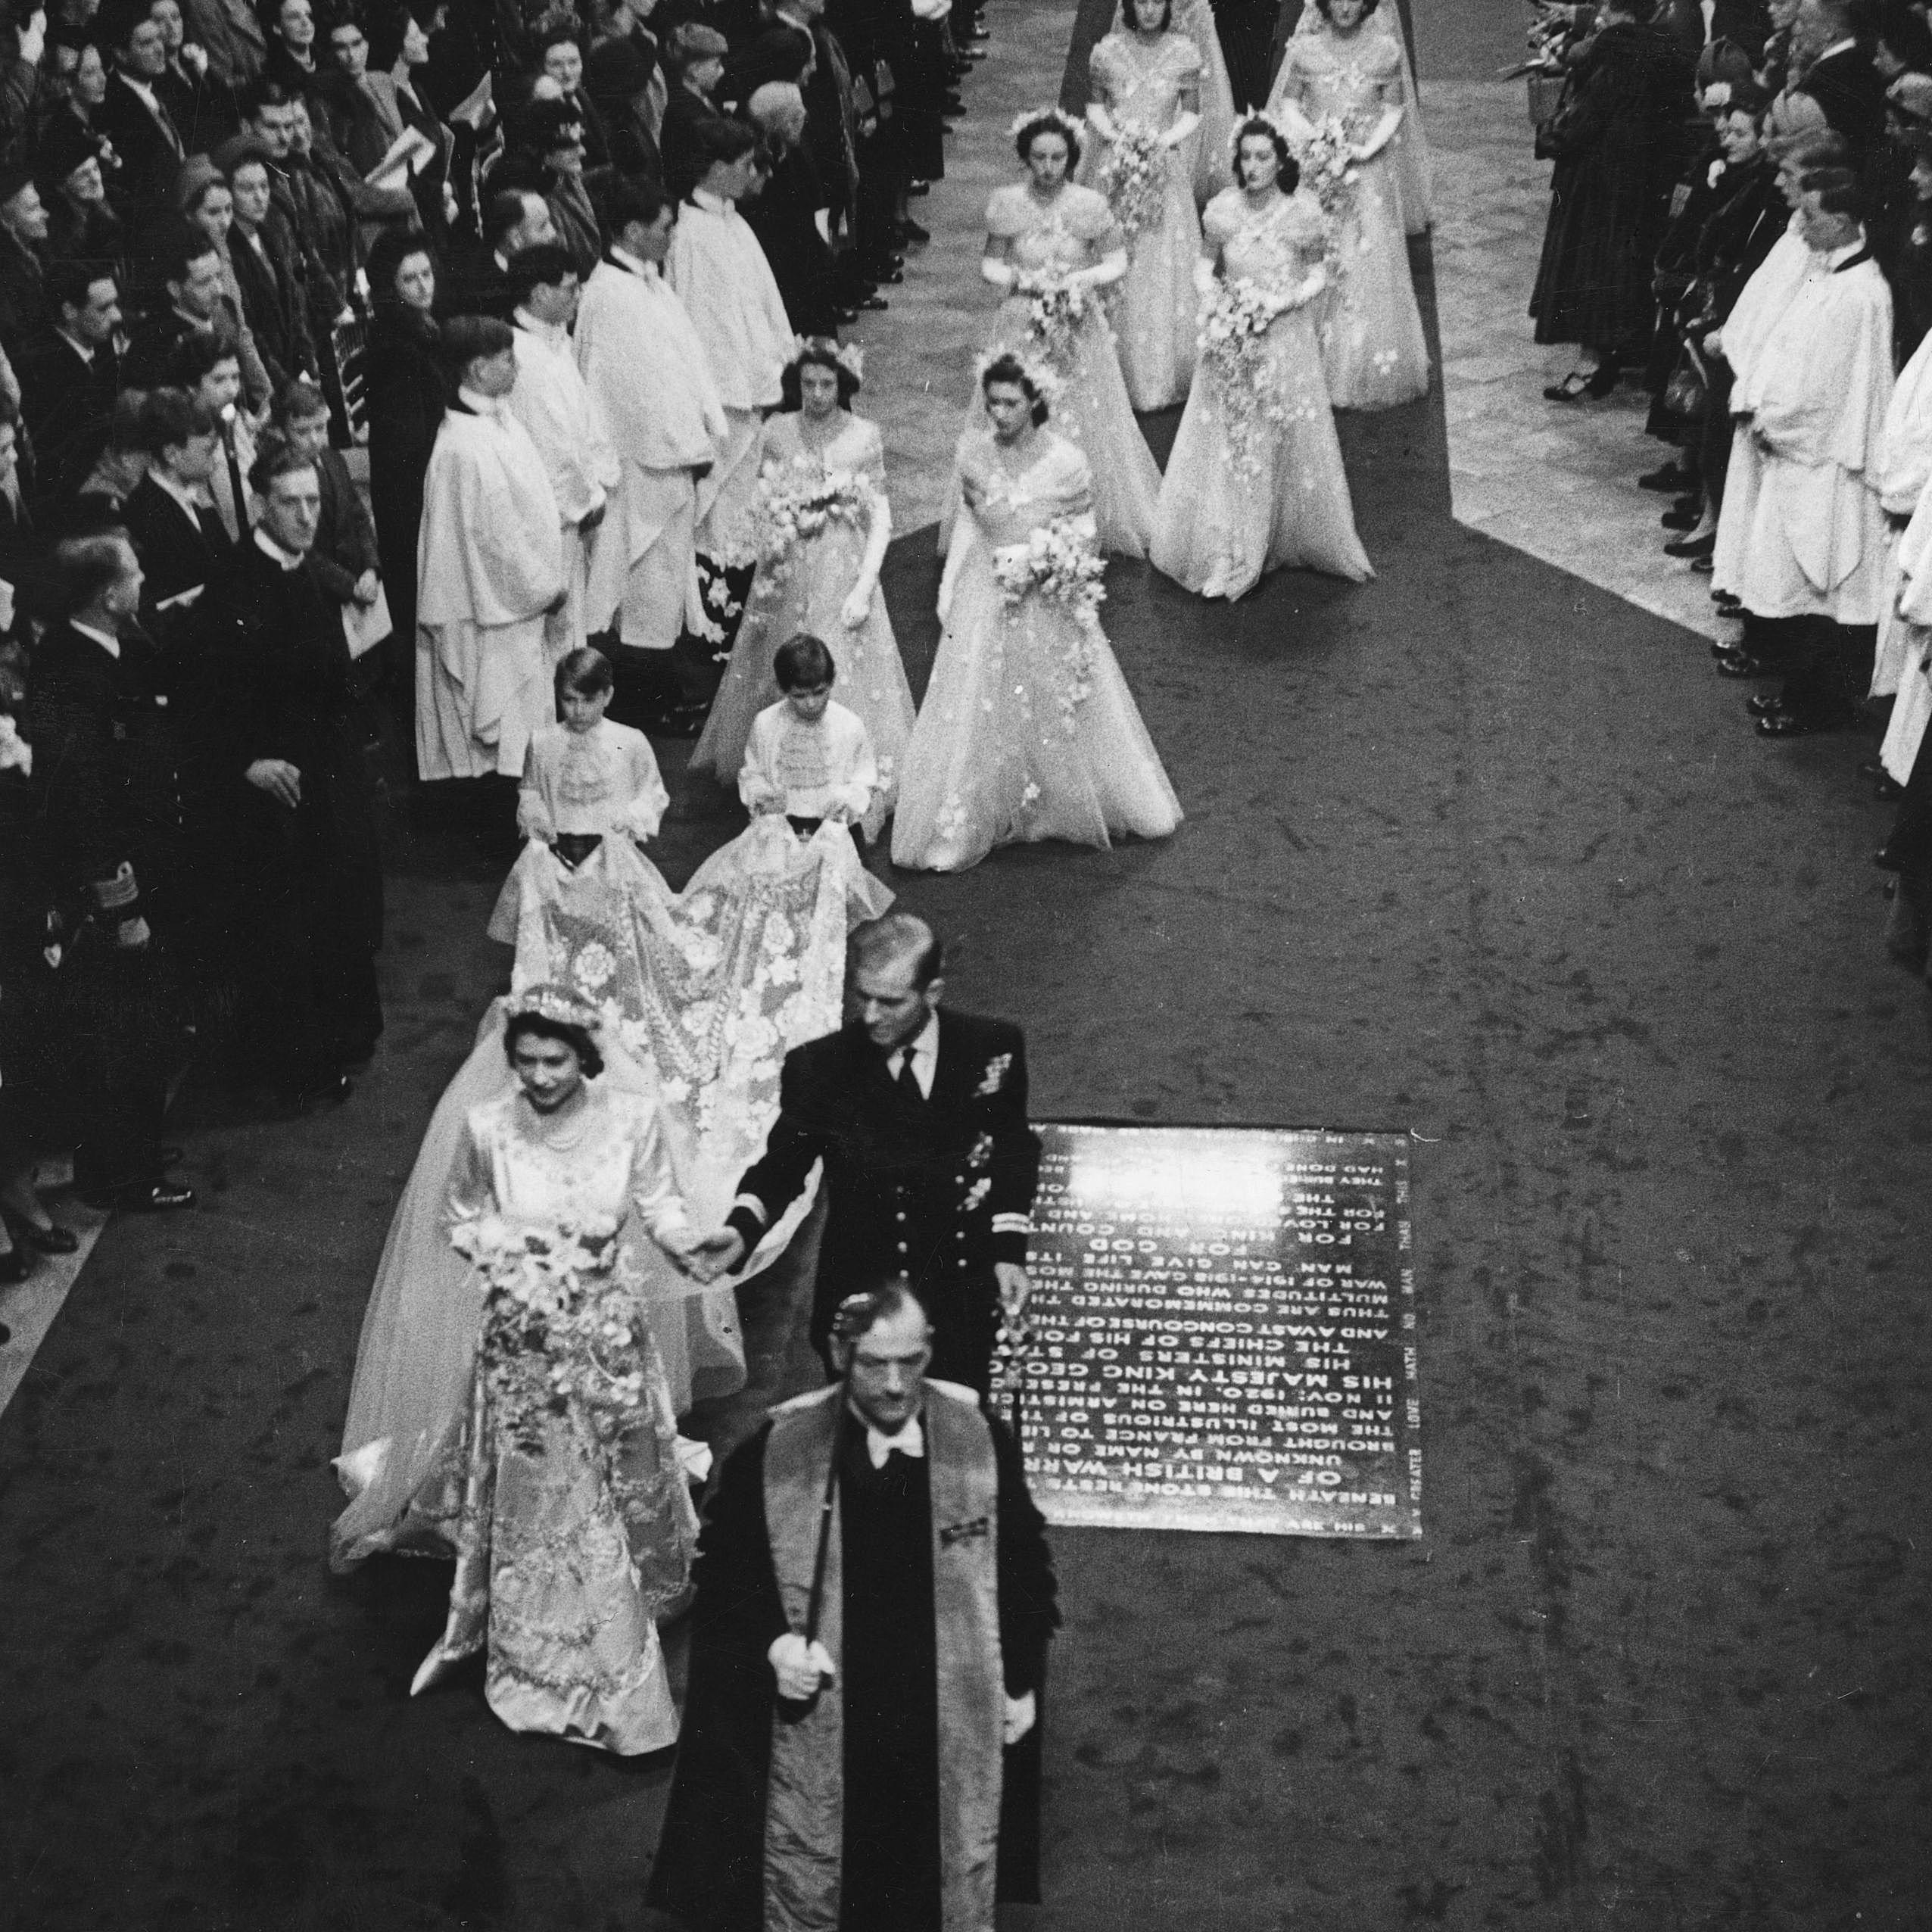 1947年ウェストミンスター寺院でのエリザベスとフィリップの結婚式